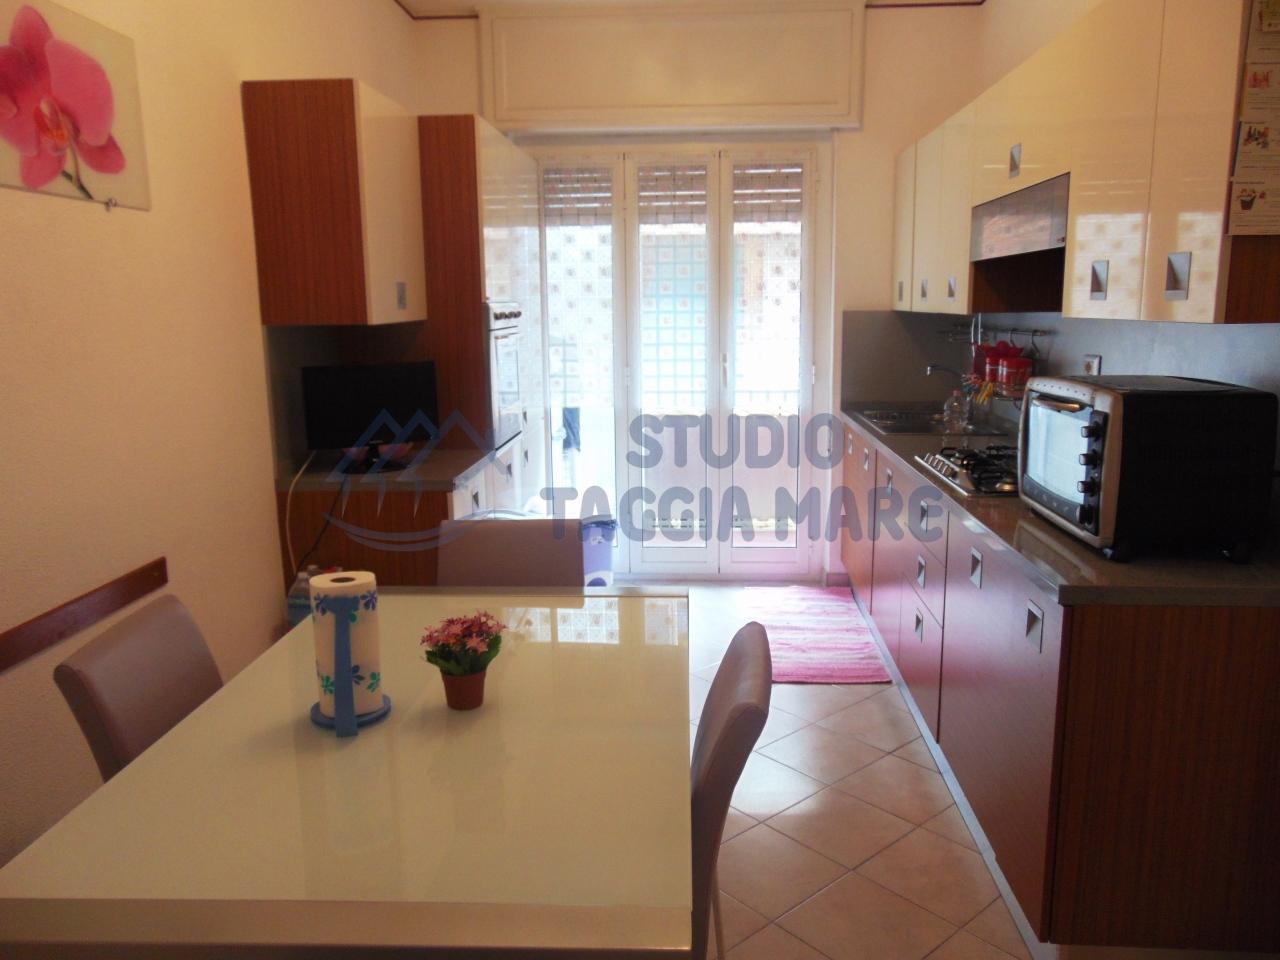 Appartamento in vendita a Taggia, 3 locali, prezzo € 225.000 | CambioCasa.it